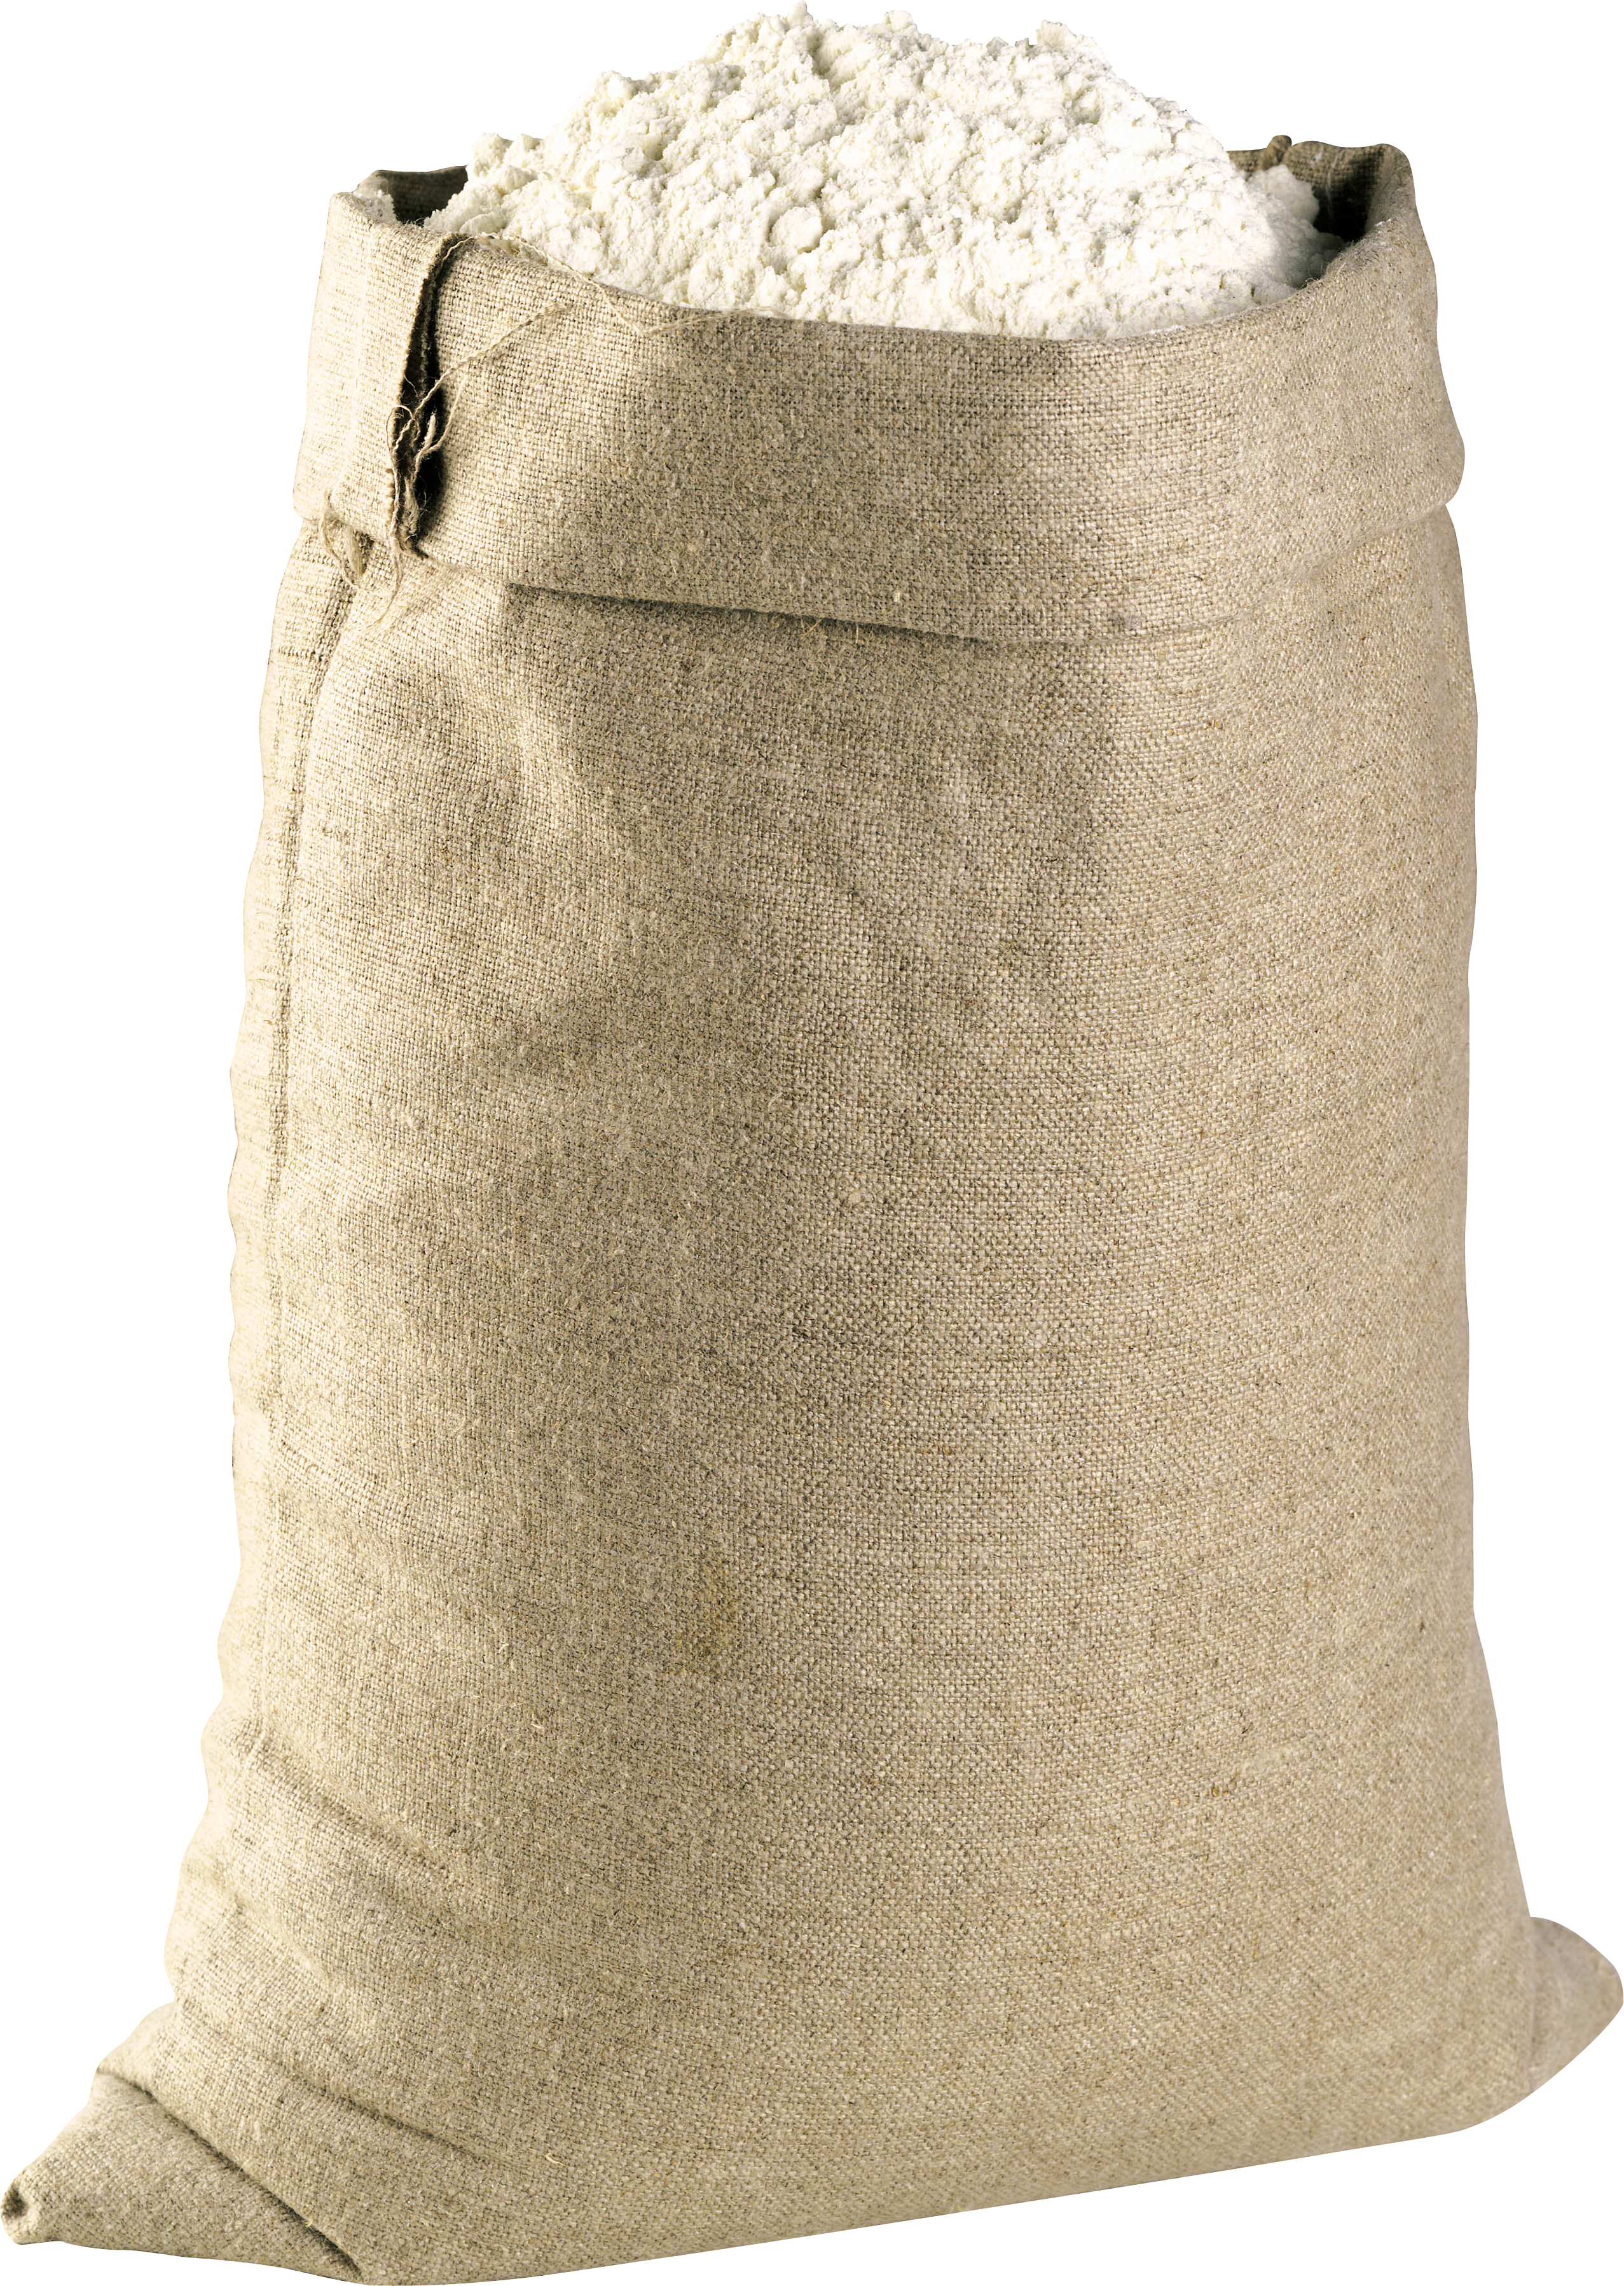 Flour clipart sack flour. Baguette bread transprent png